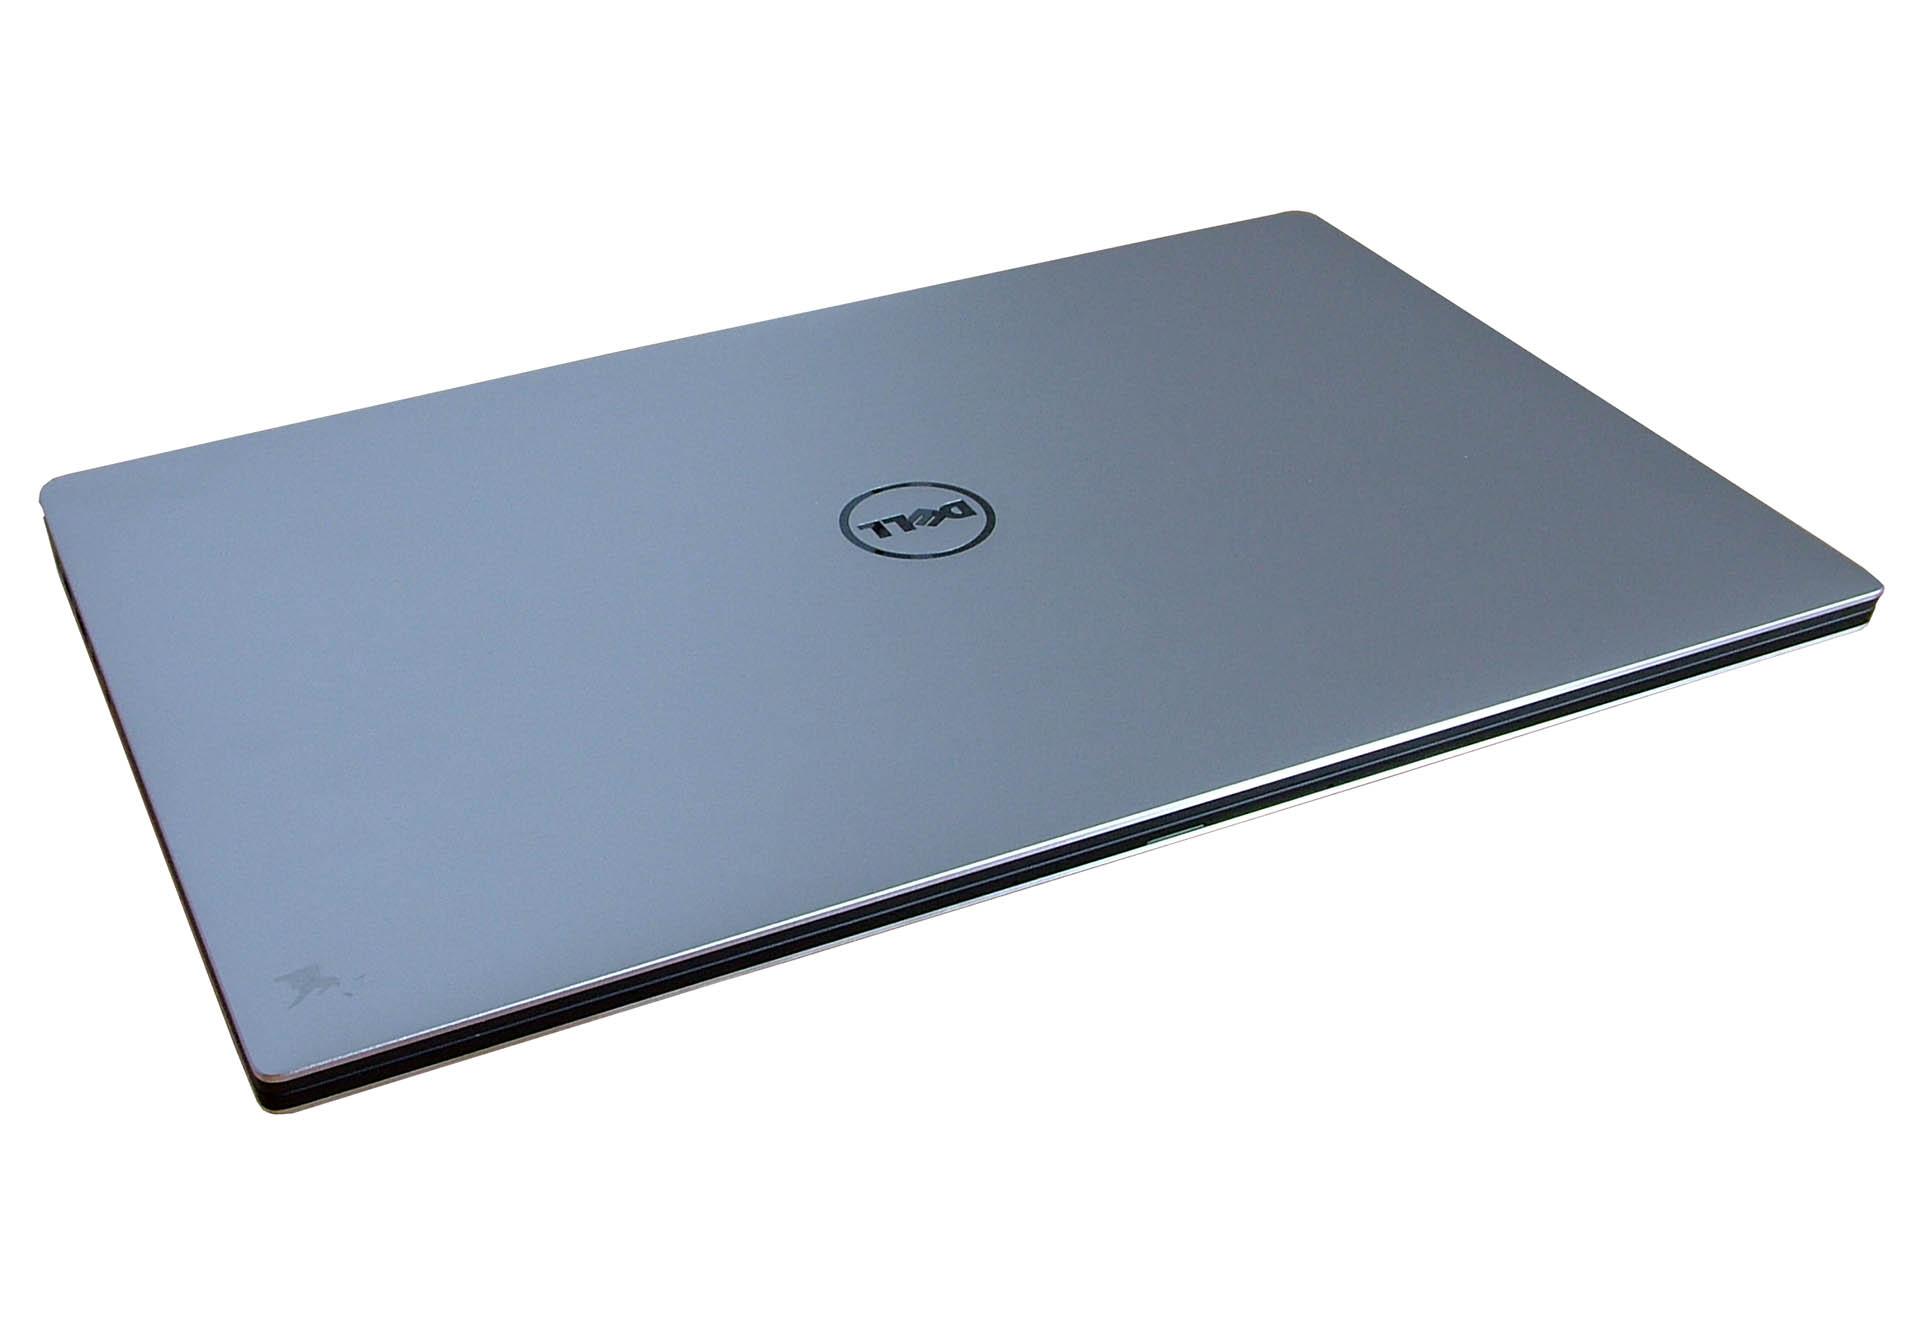 Dell XPS 15 test – velika doza elegancije